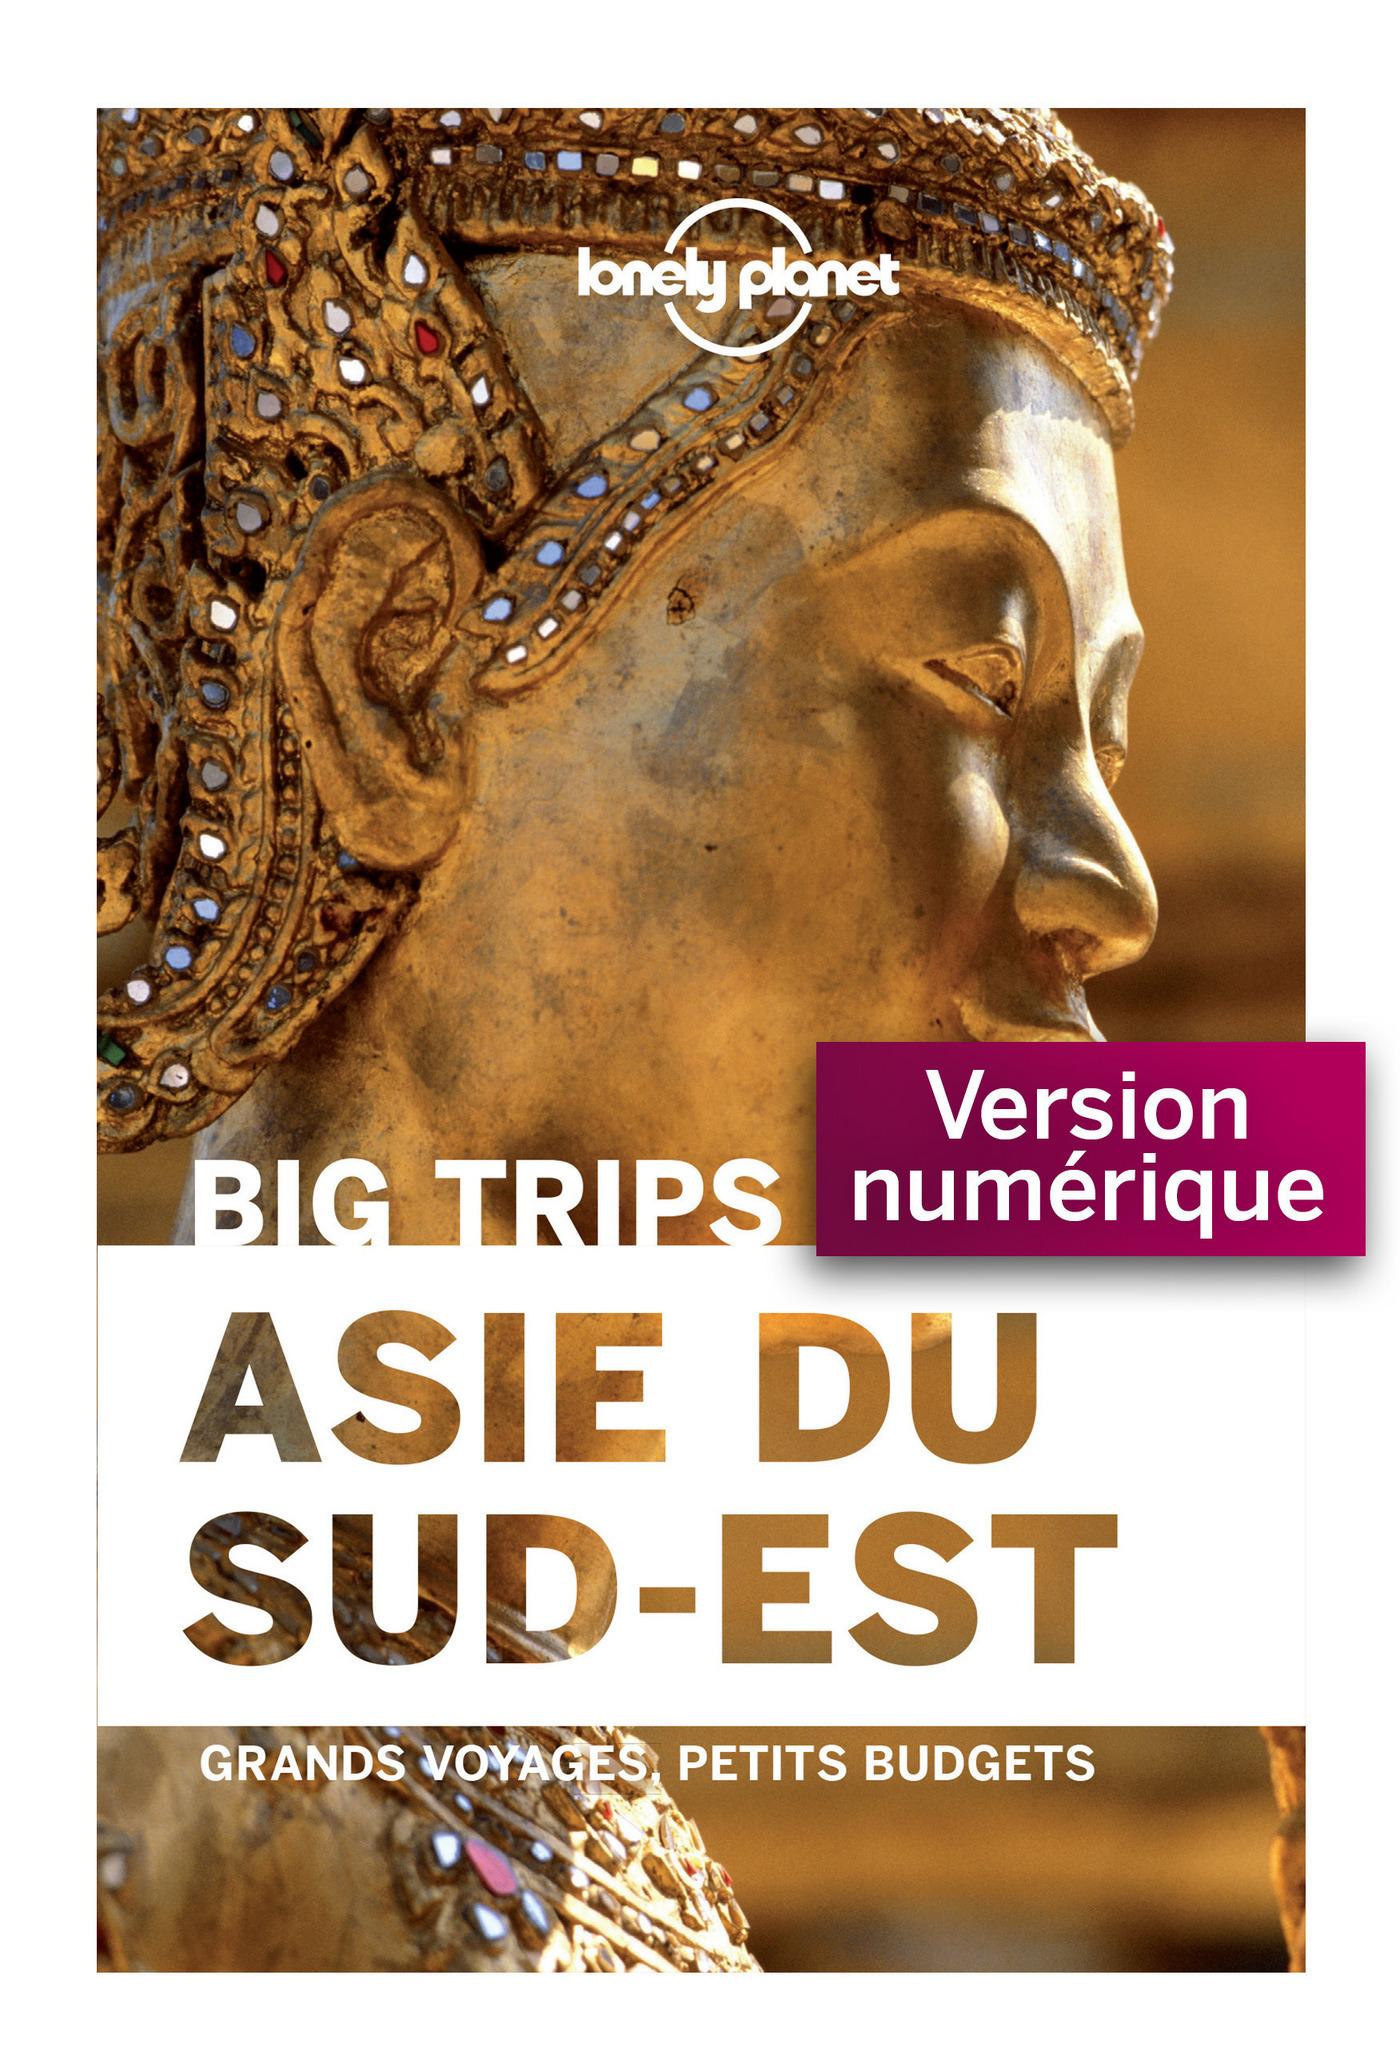 Big Trips Asie du Sud-Est